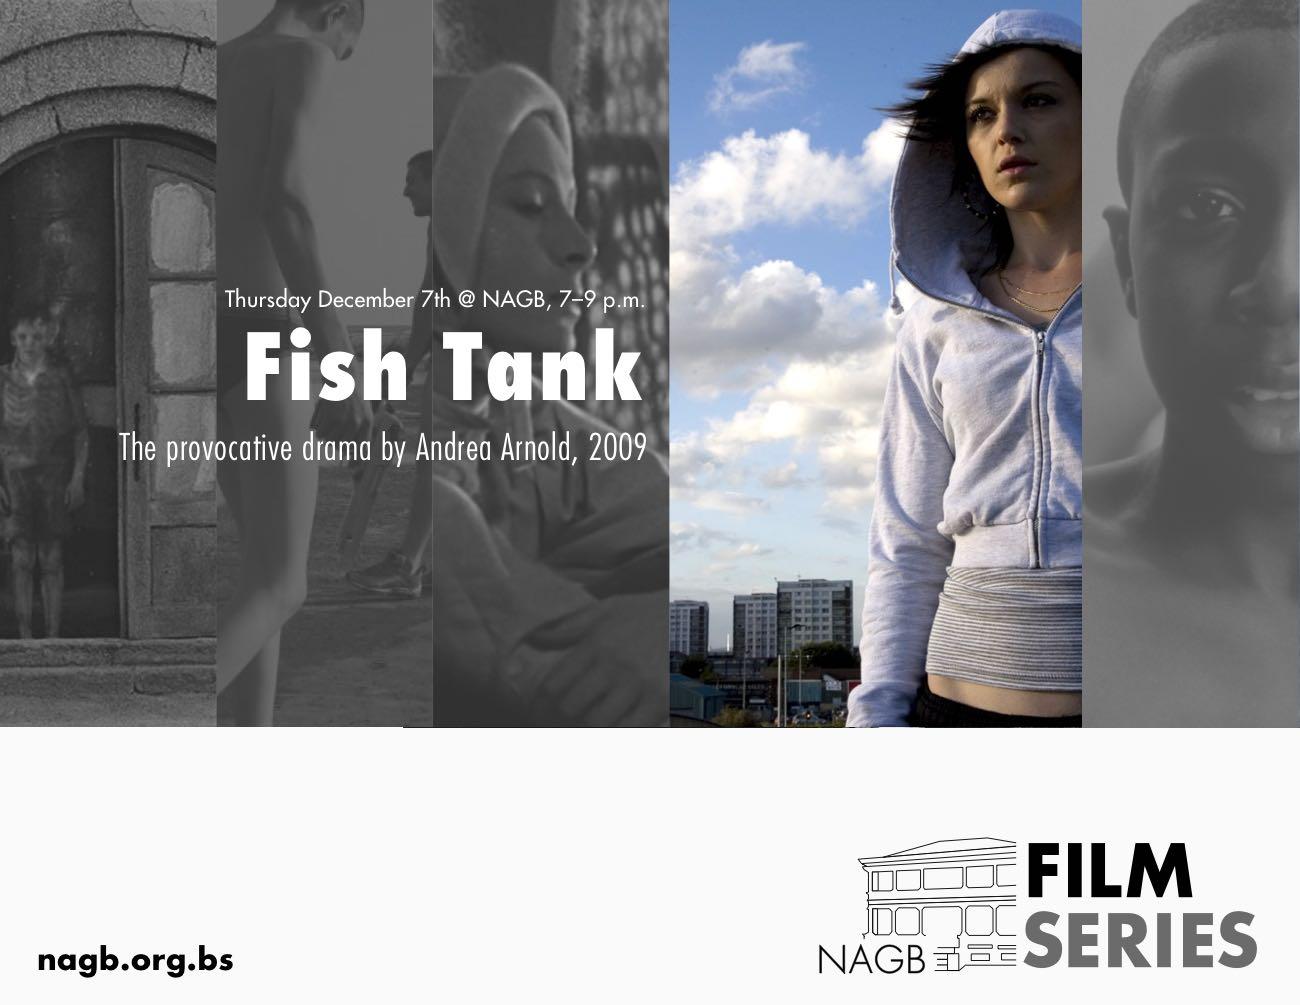 FishTank_Rect.jpg